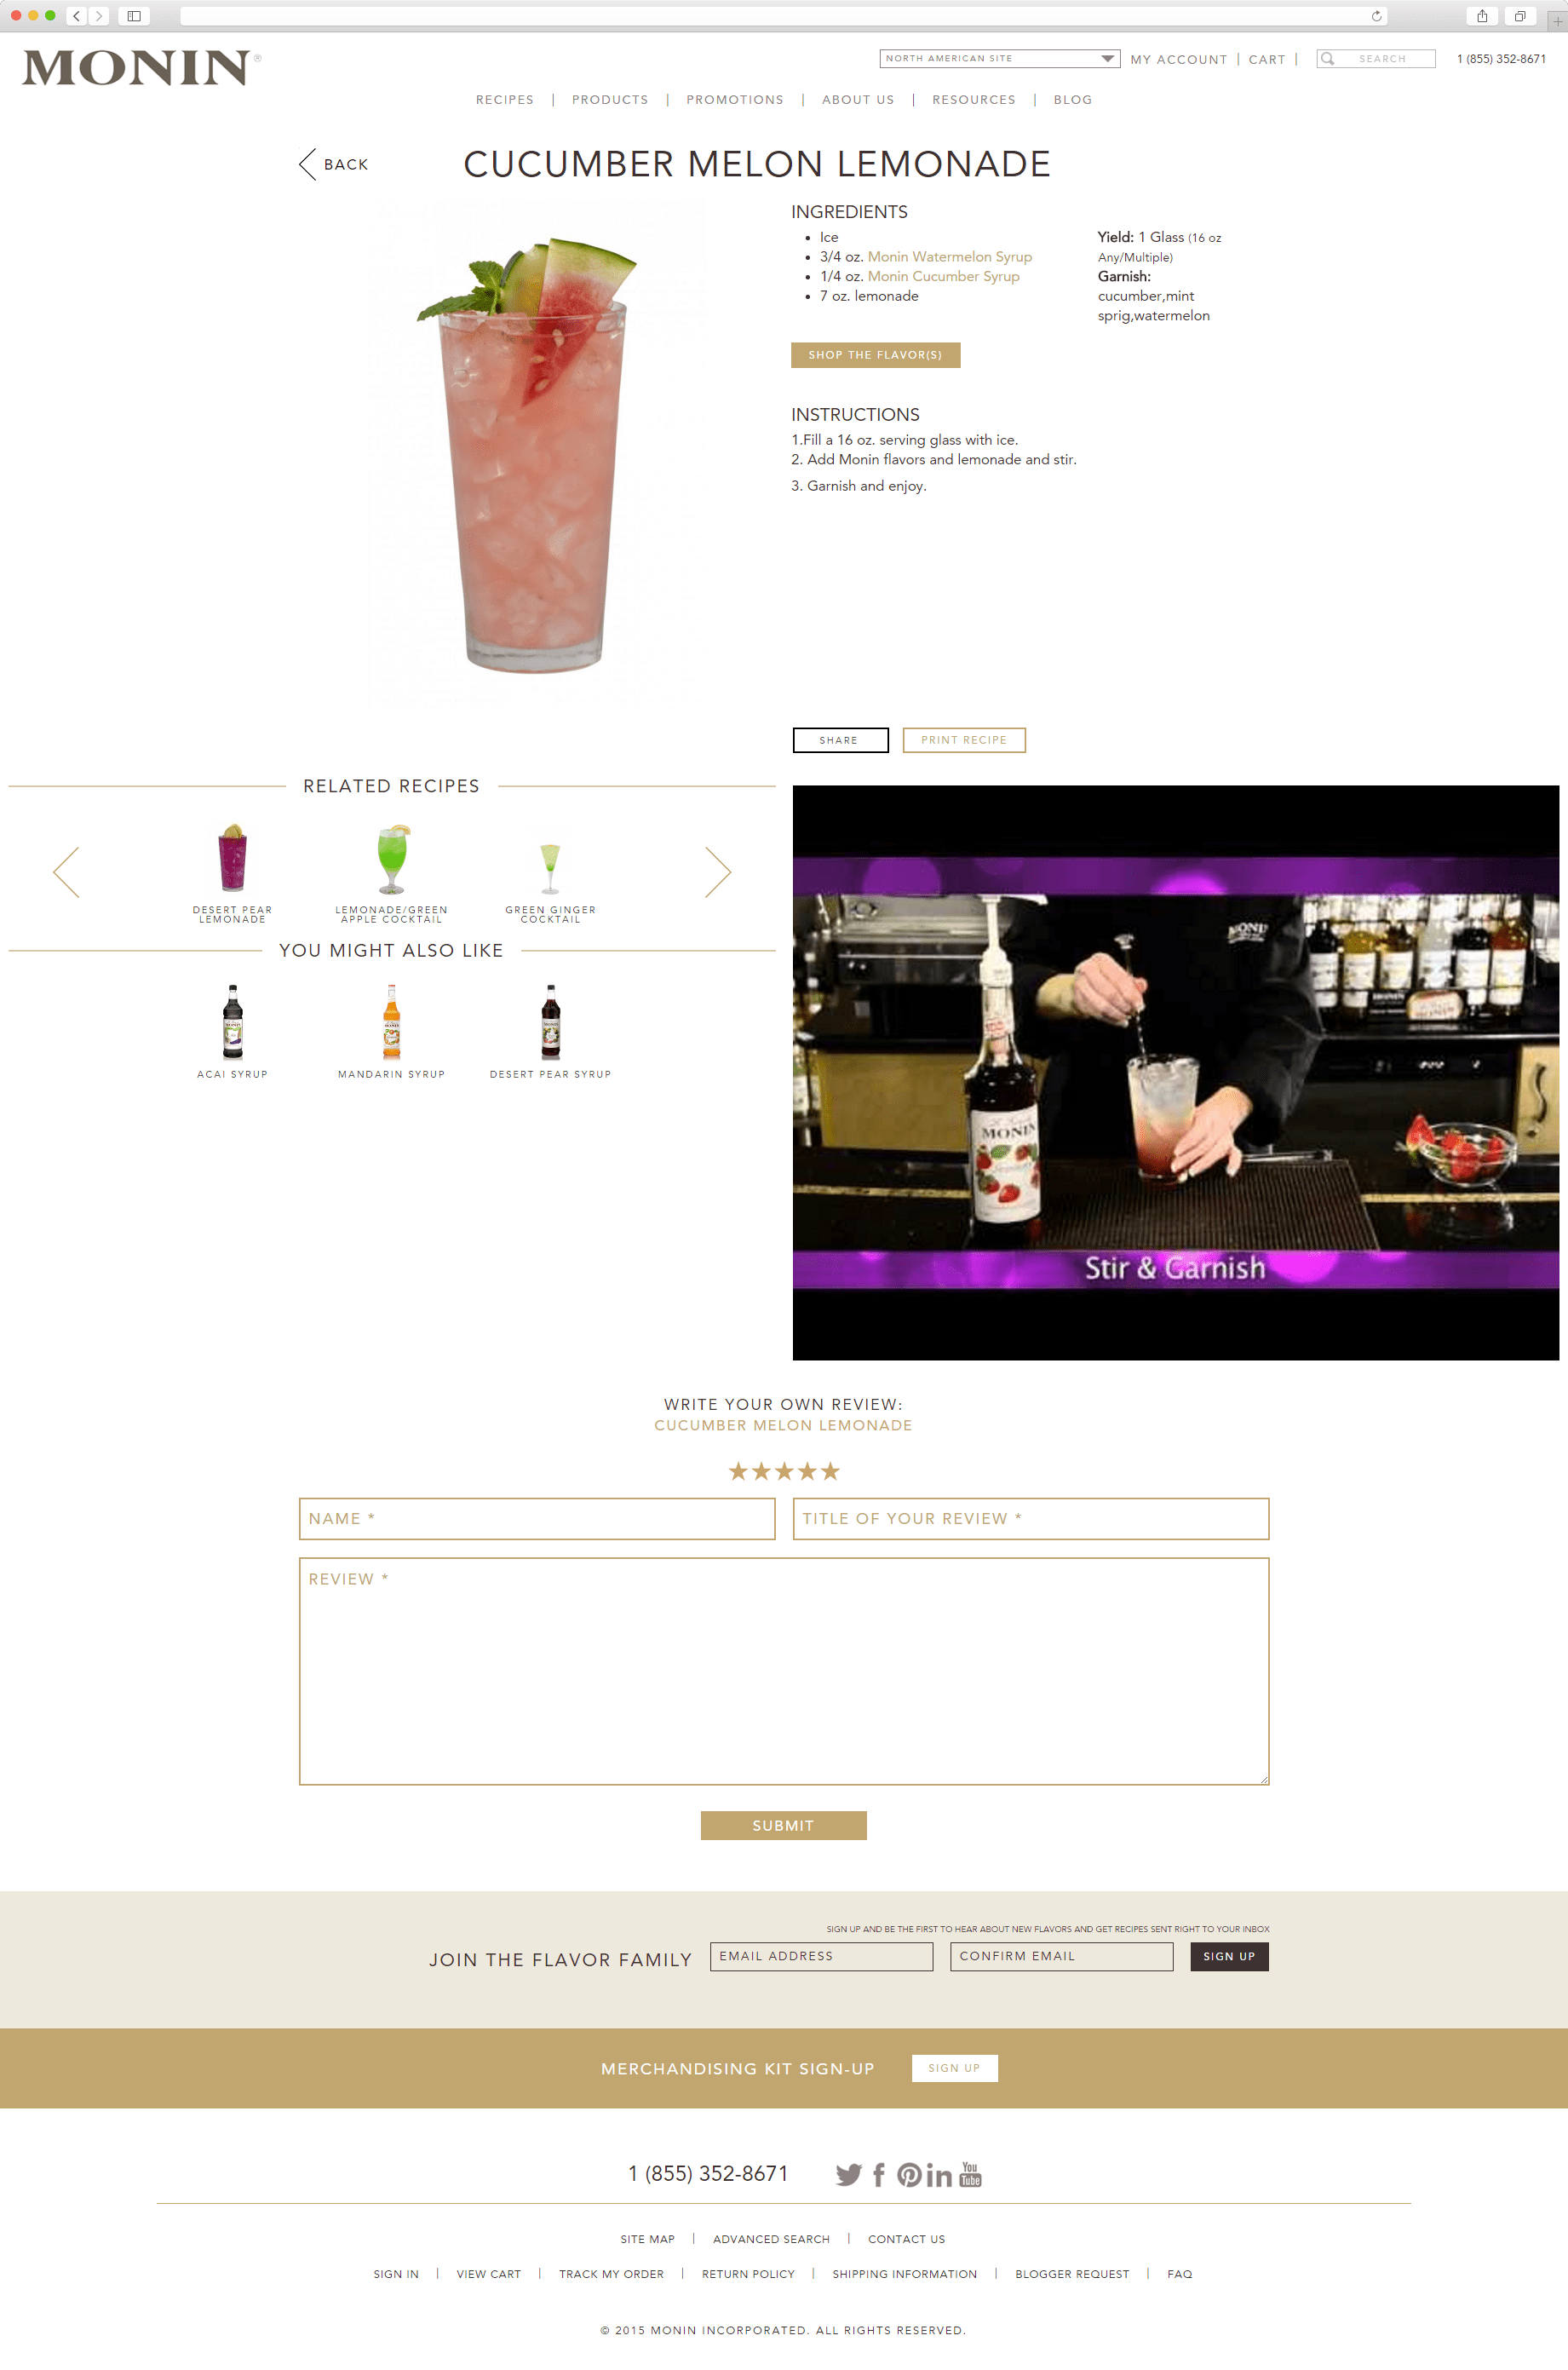 Our Works: Monin.com/m